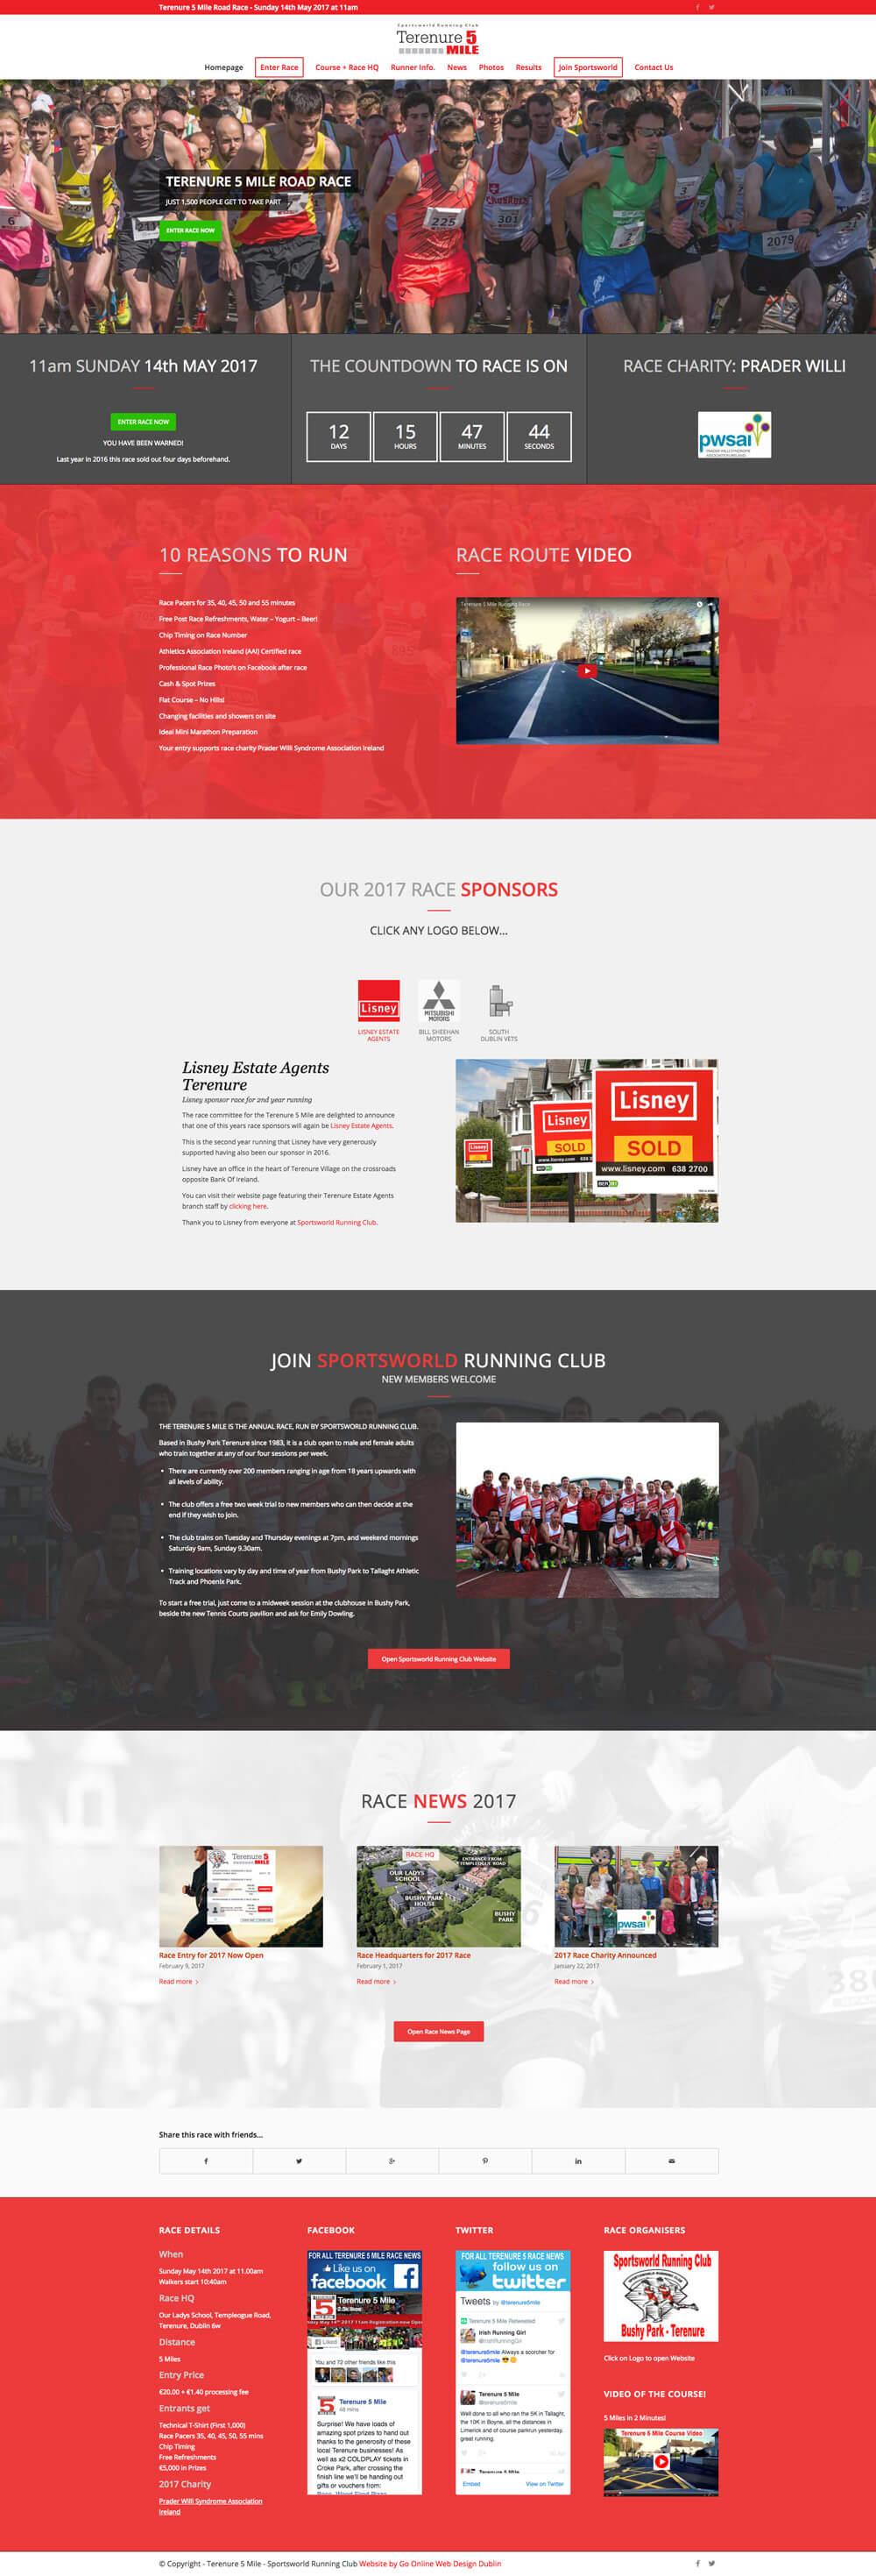 homepage 5.jpg